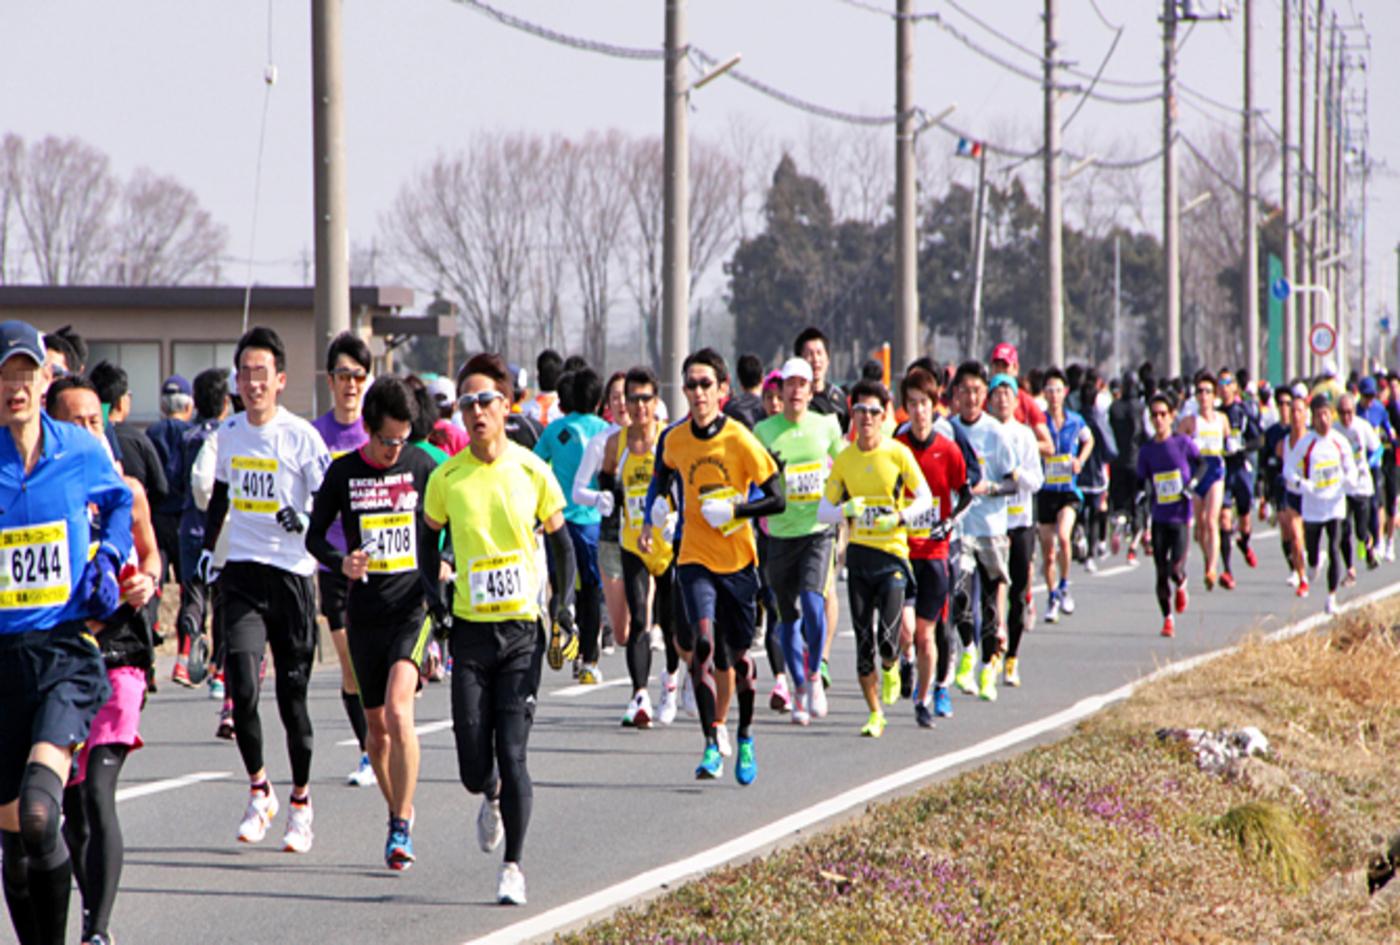 鴻巣パンジーマラソン | 埼玉県